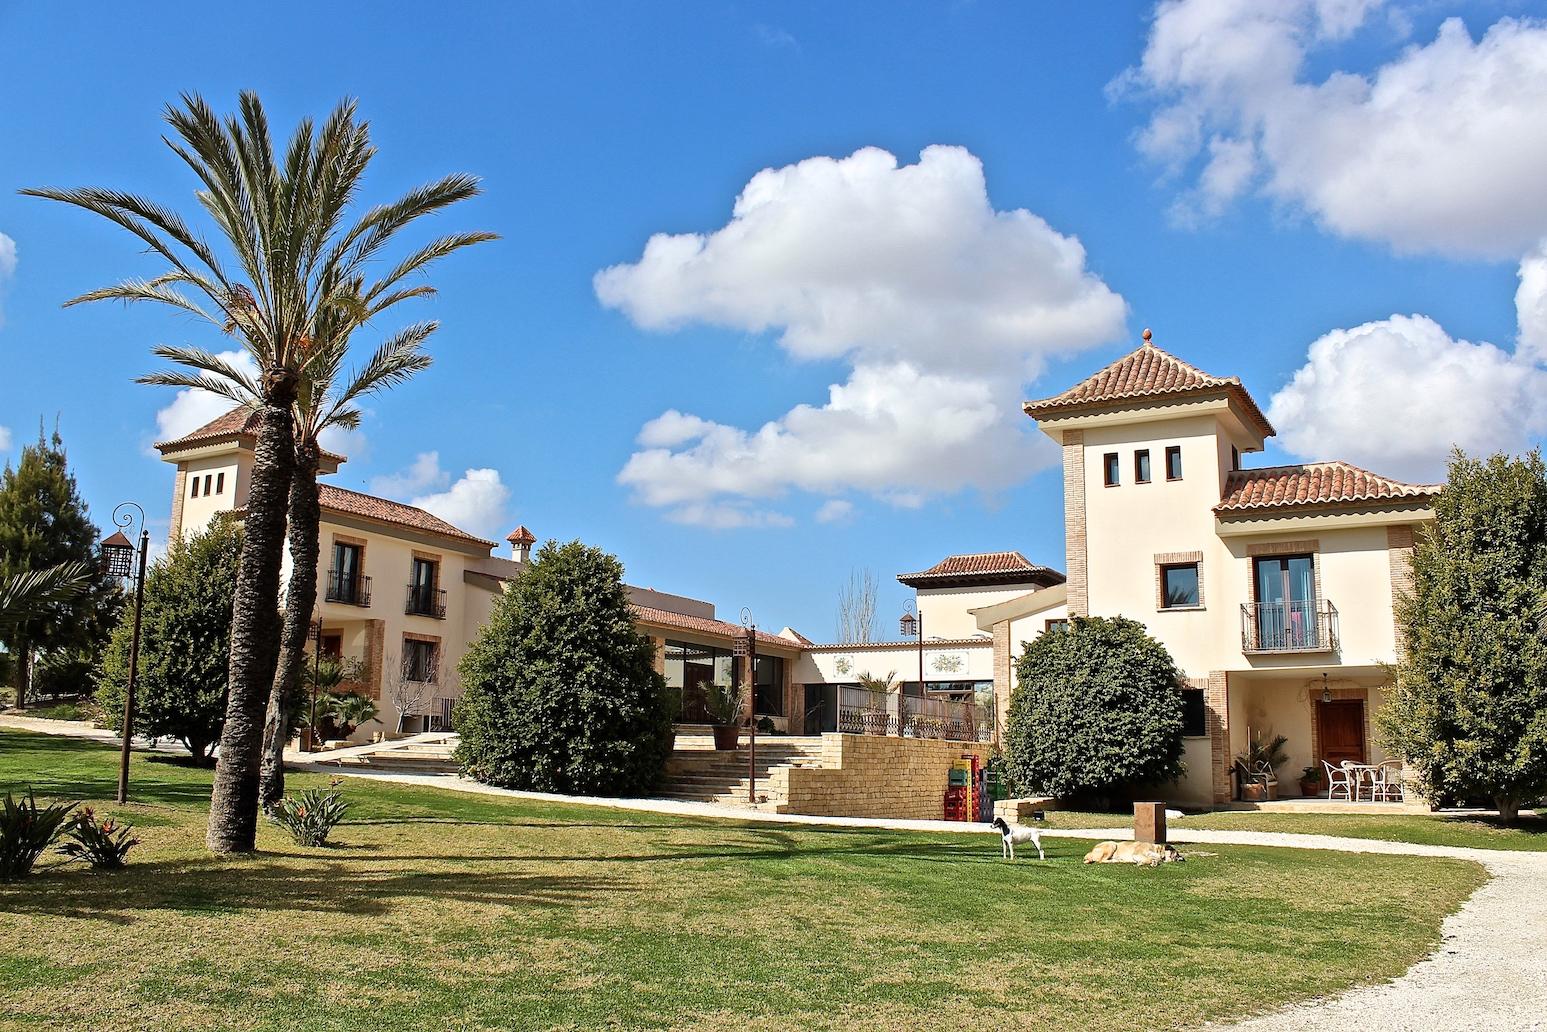 Finca Señorial Alicante